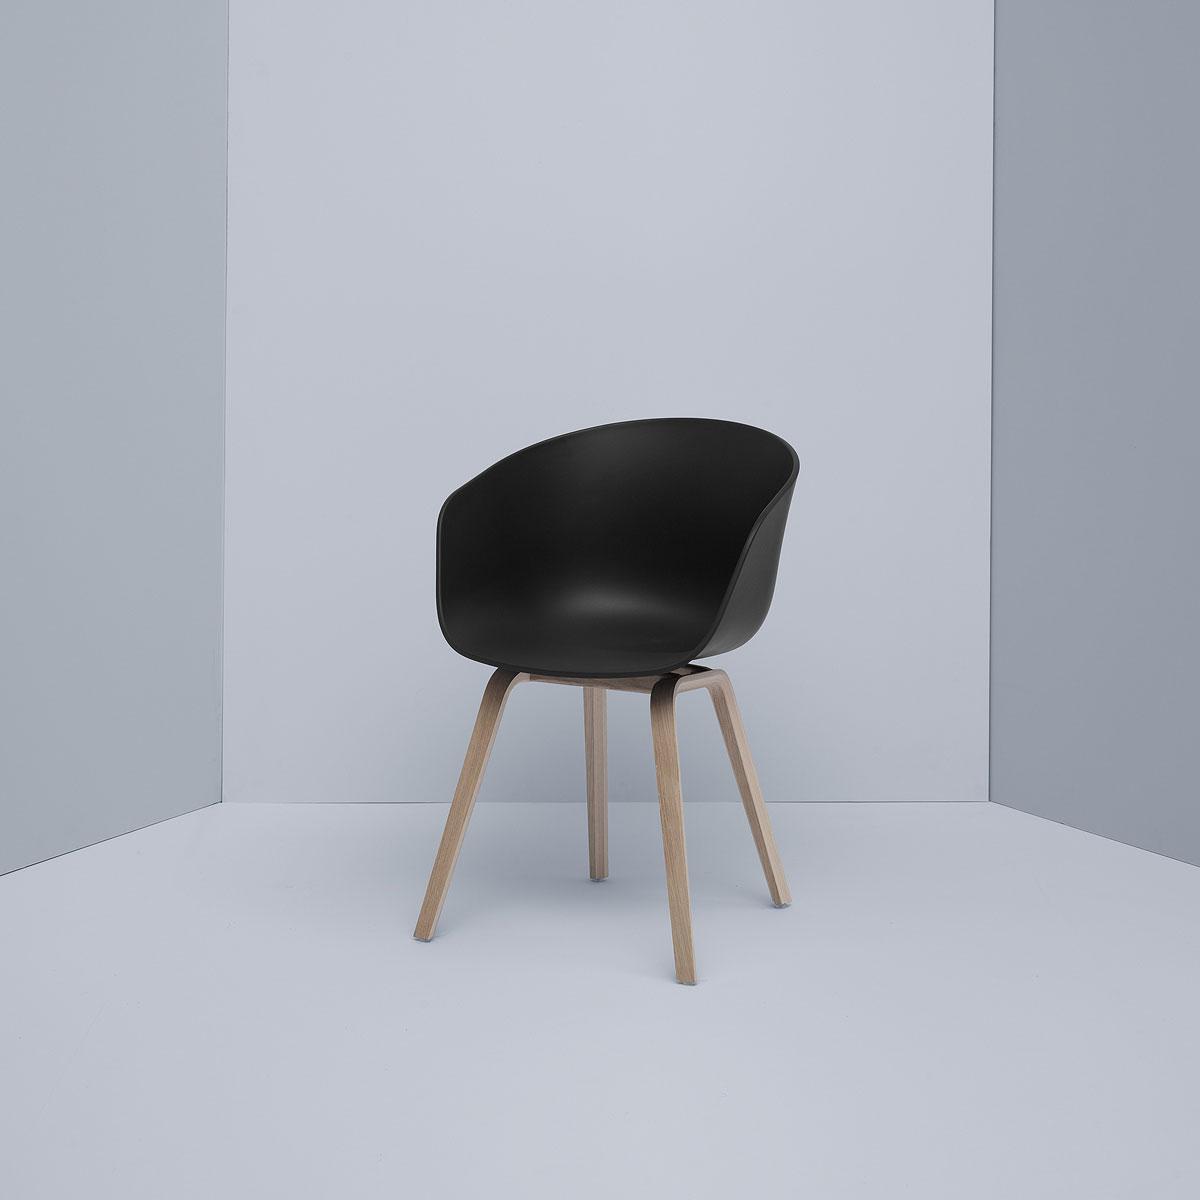 hay about a chair aac22 door hee welling hay studio tijdelijke actie design oostende. Black Bedroom Furniture Sets. Home Design Ideas